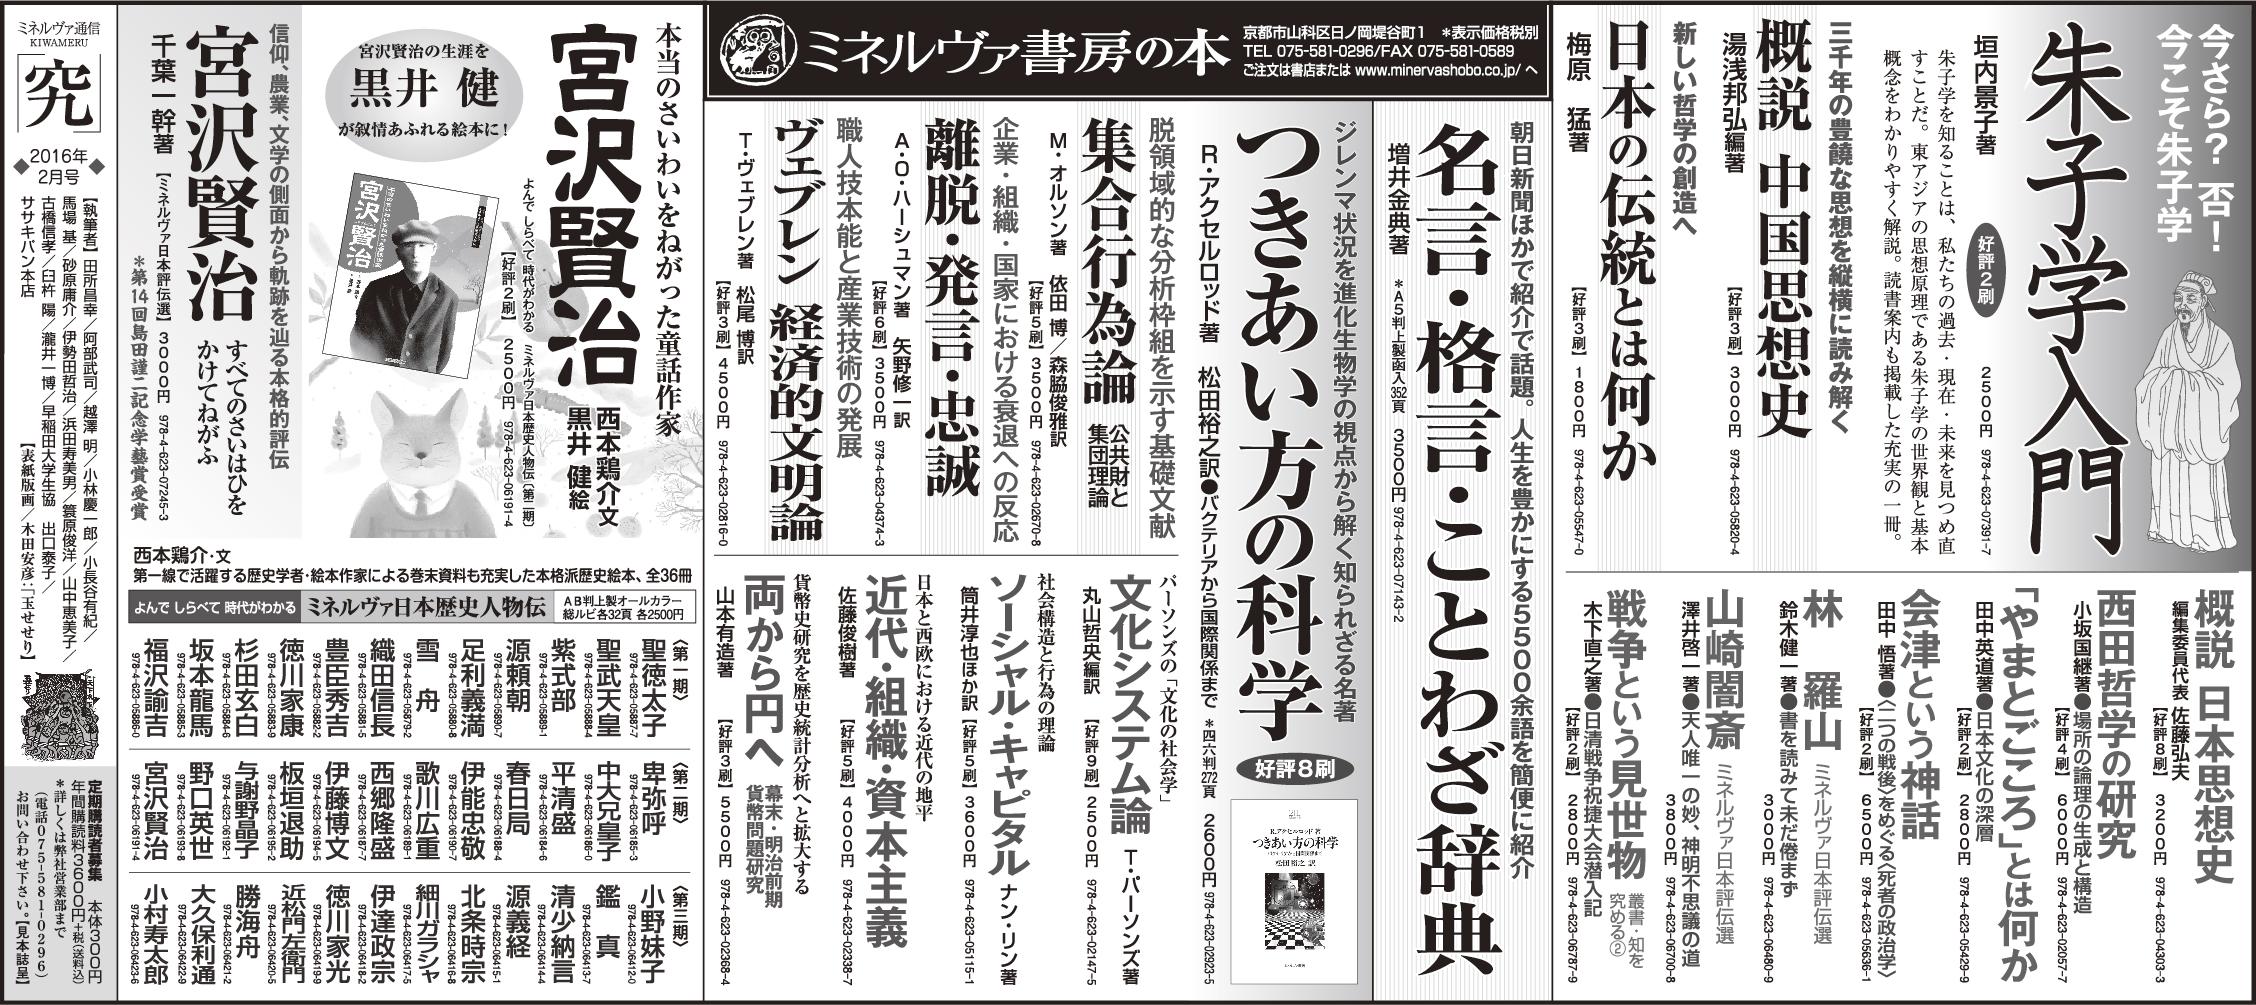 朝日新聞2016年2月14日(読書面)全5段広告